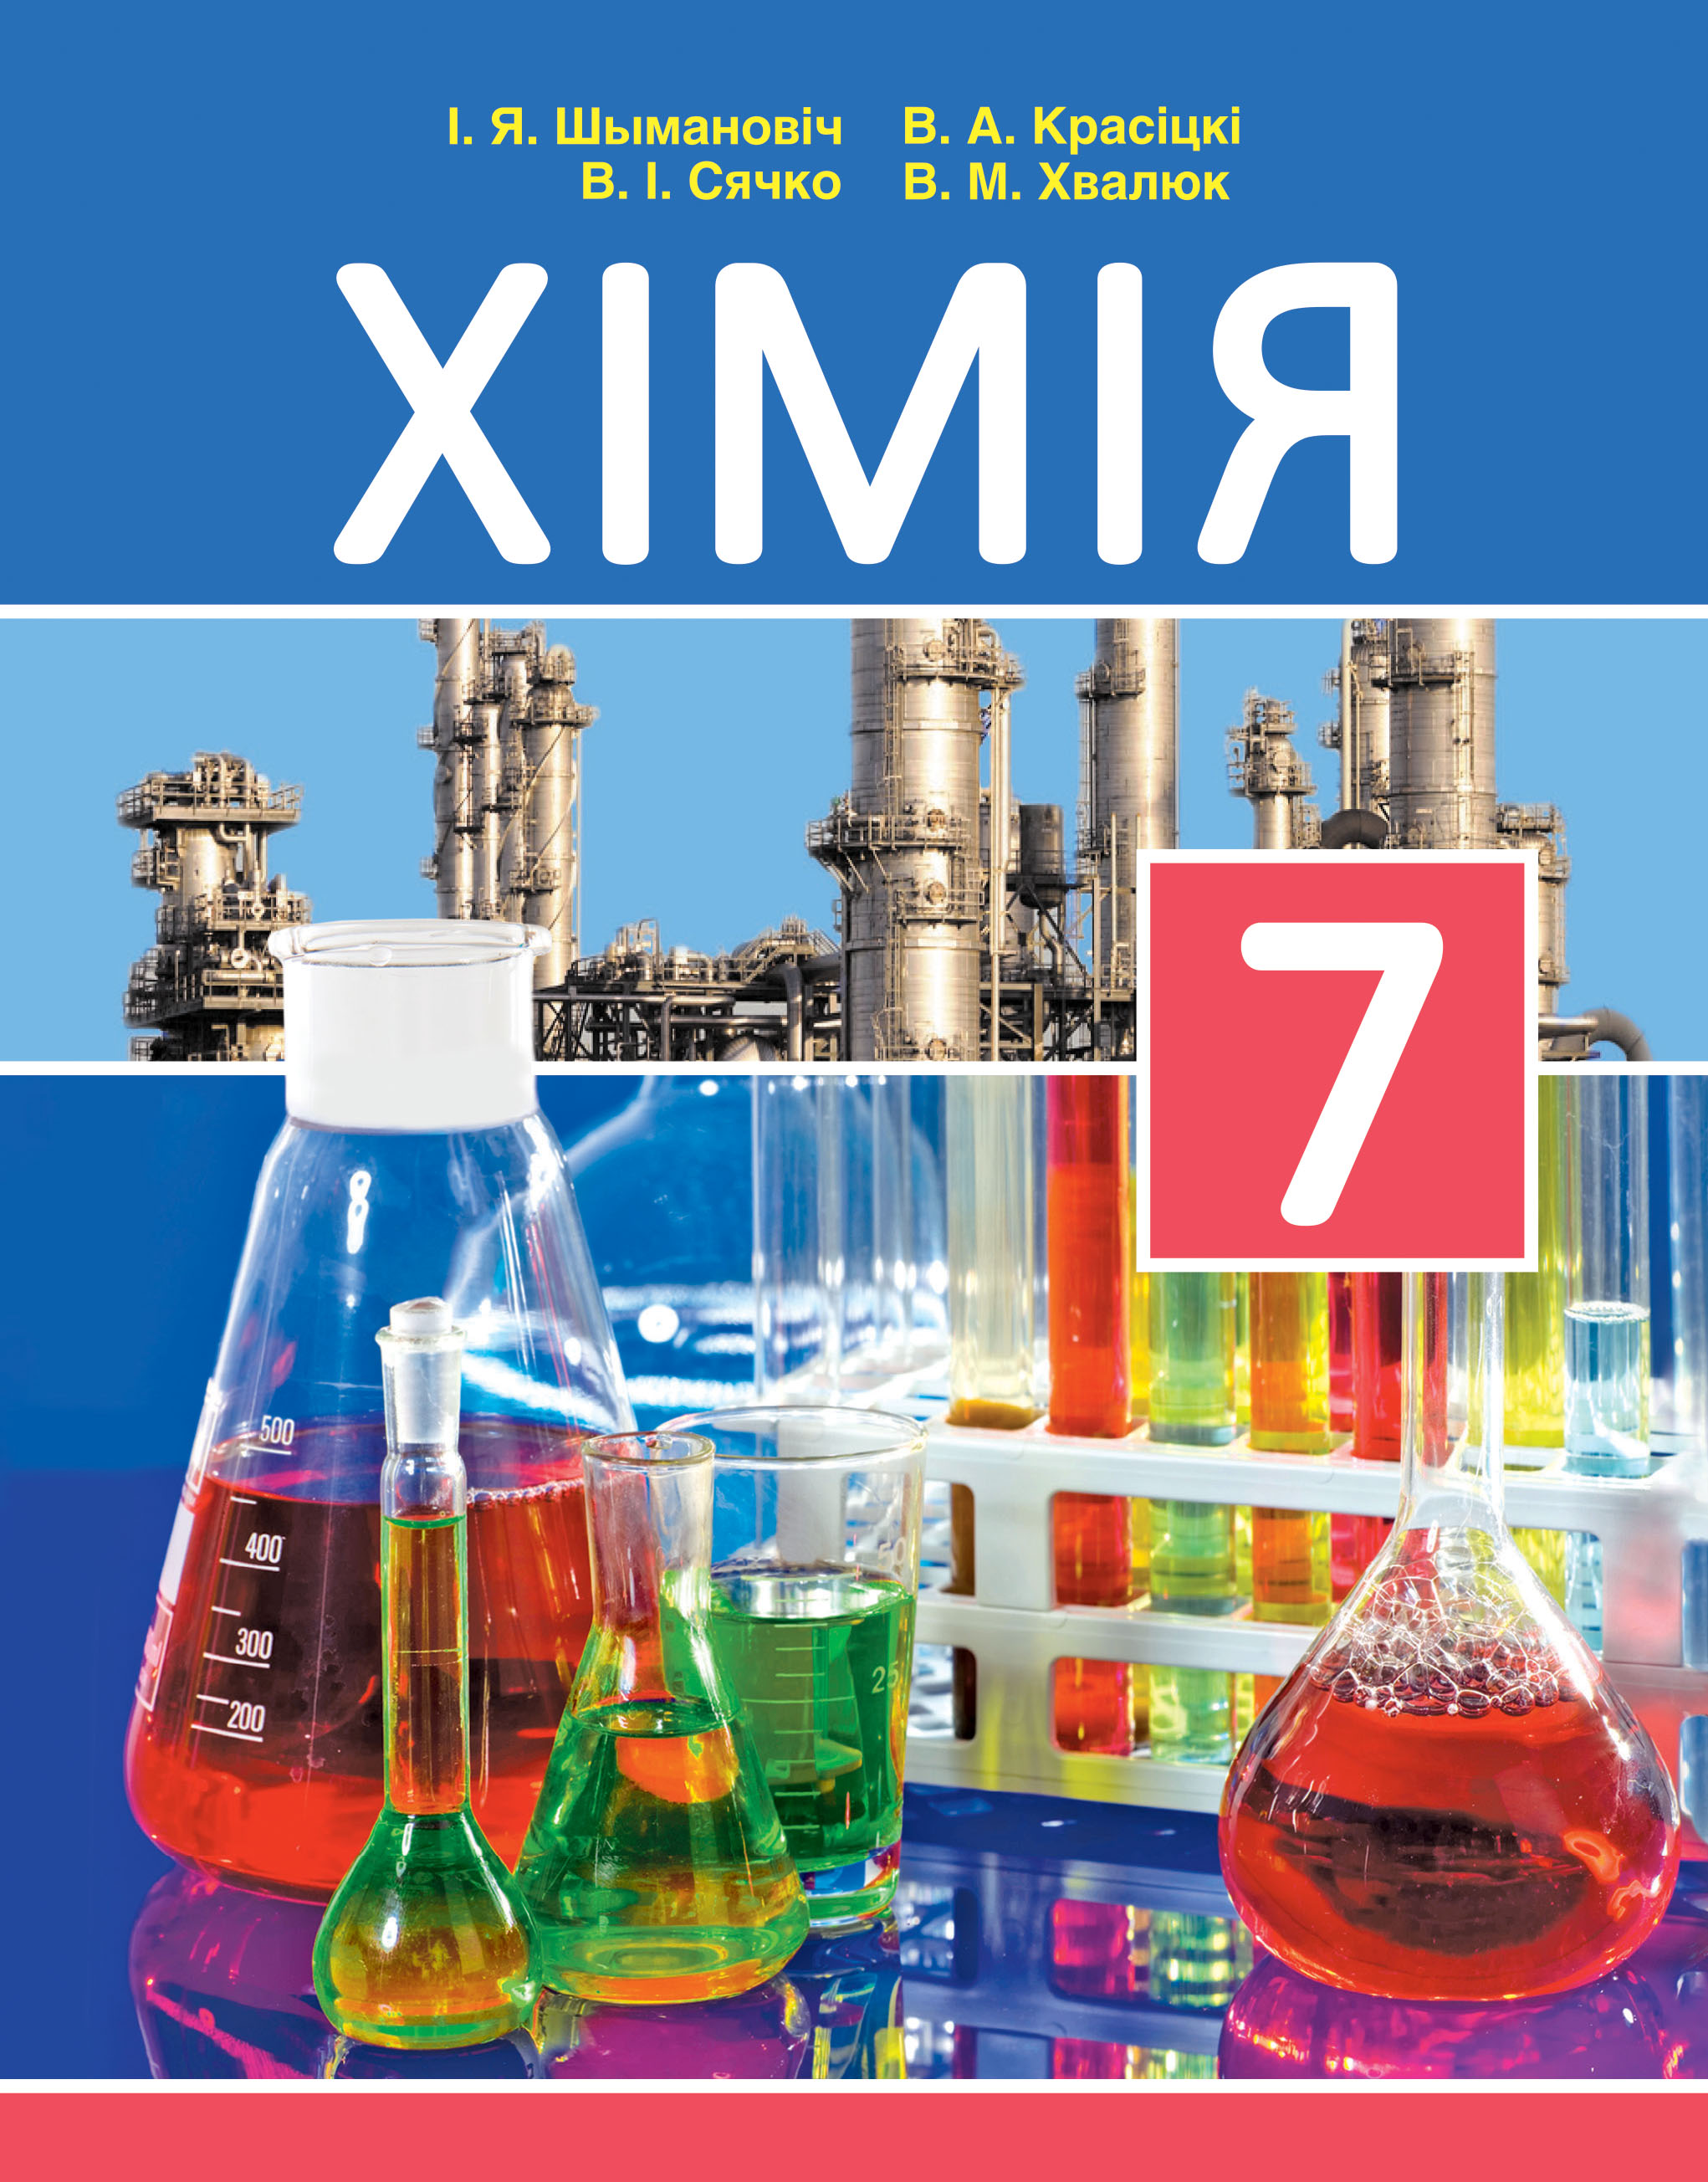 Хімія, 7 клас